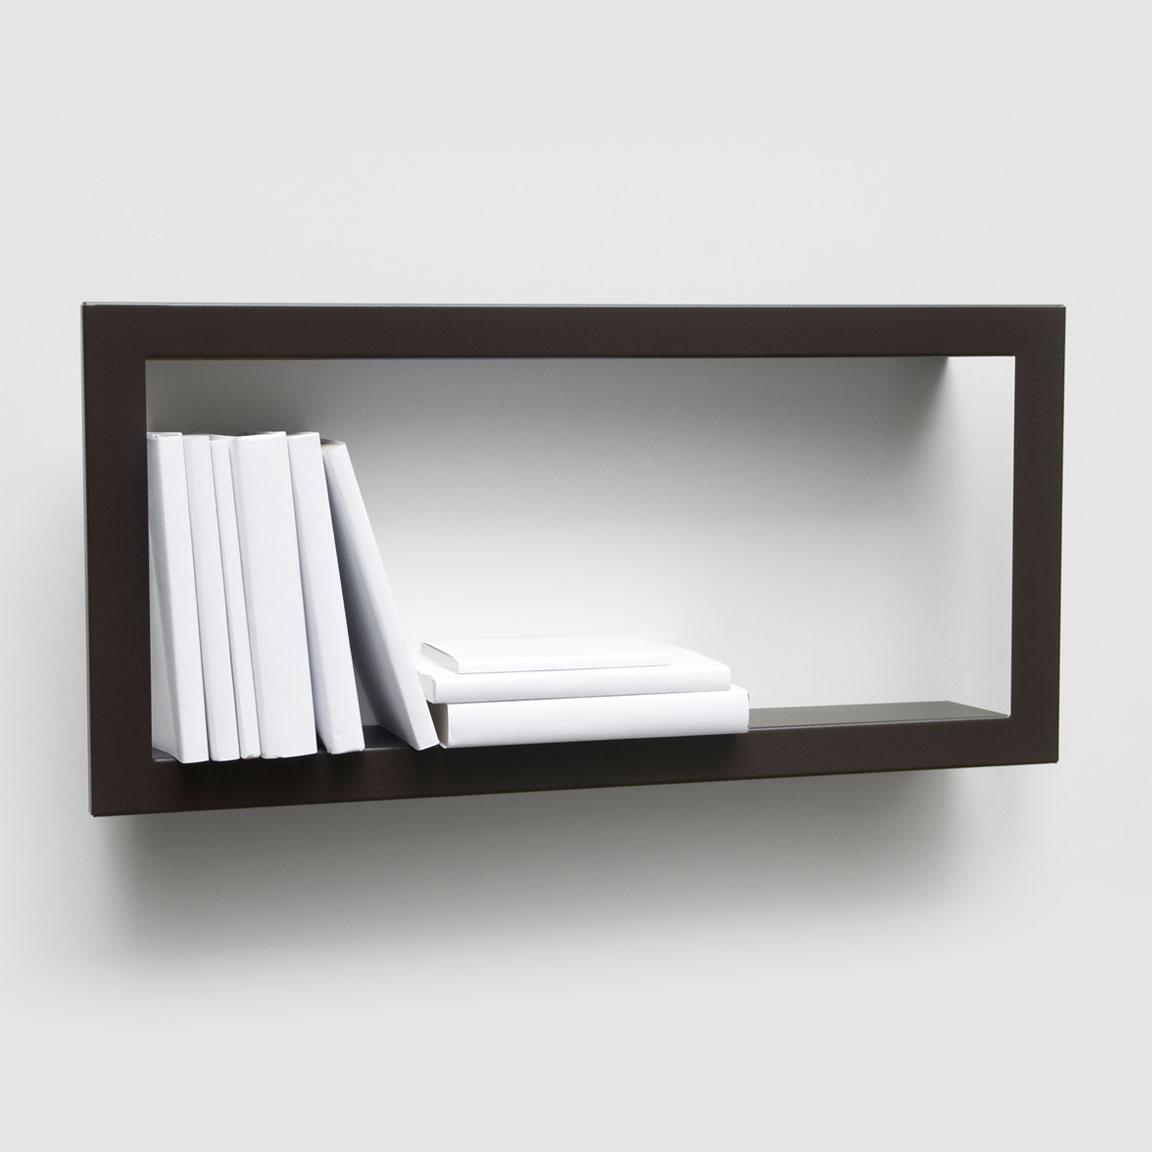 b cherregal largestick der rahmen f r ihre b cher kramsen. Black Bedroom Furniture Sets. Home Design Ideas